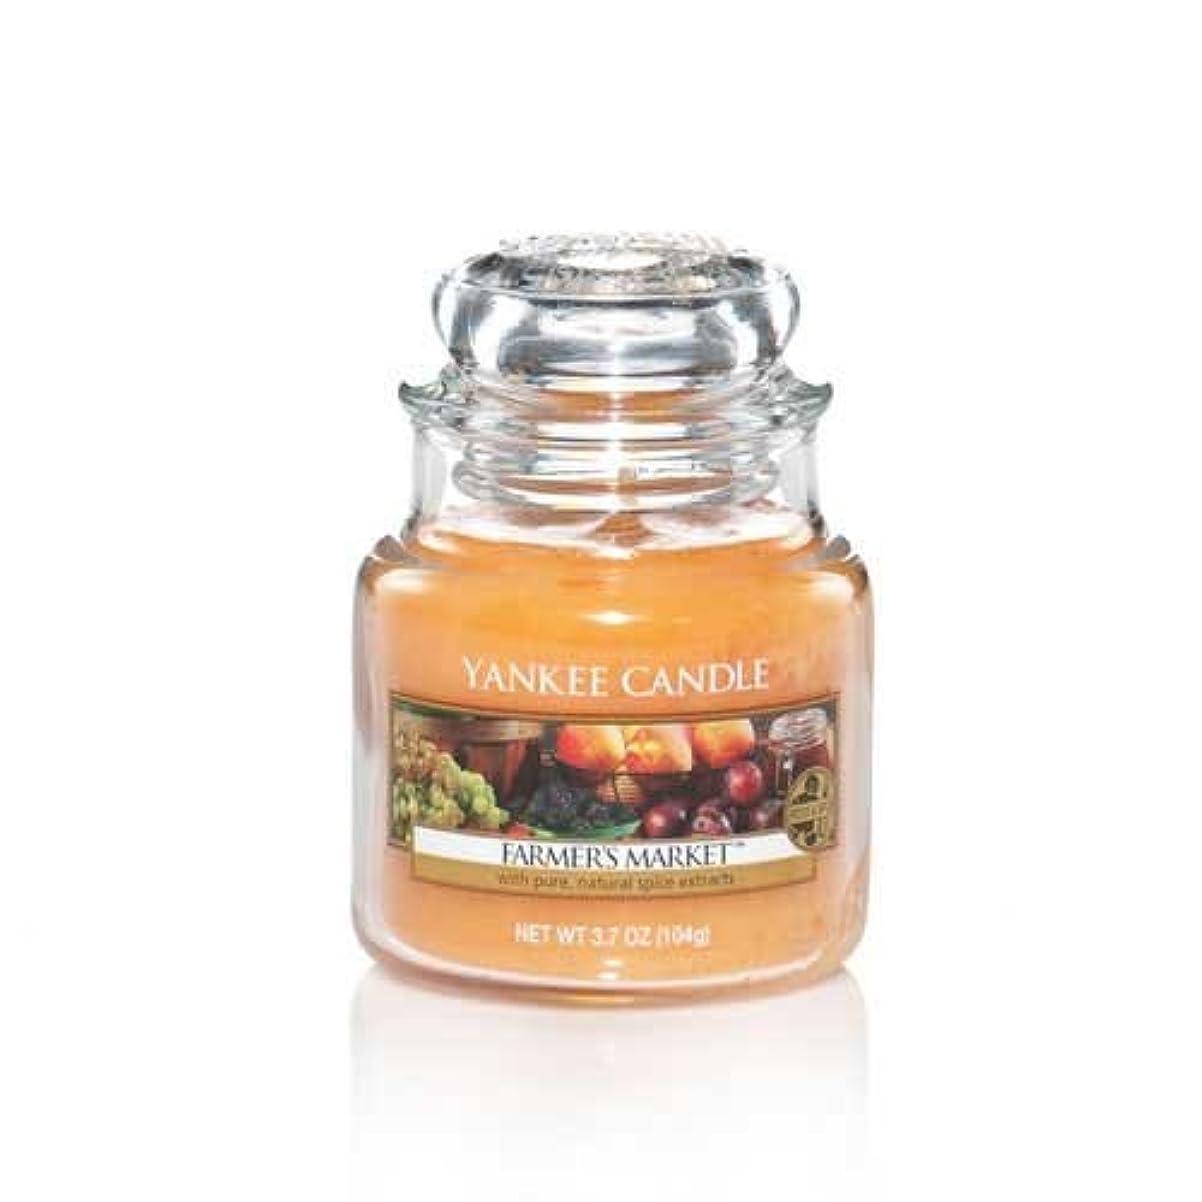 突っ込む槍腐ったYankee Candle Farmer 's Market Small Jar Candle, Food & Spice香り